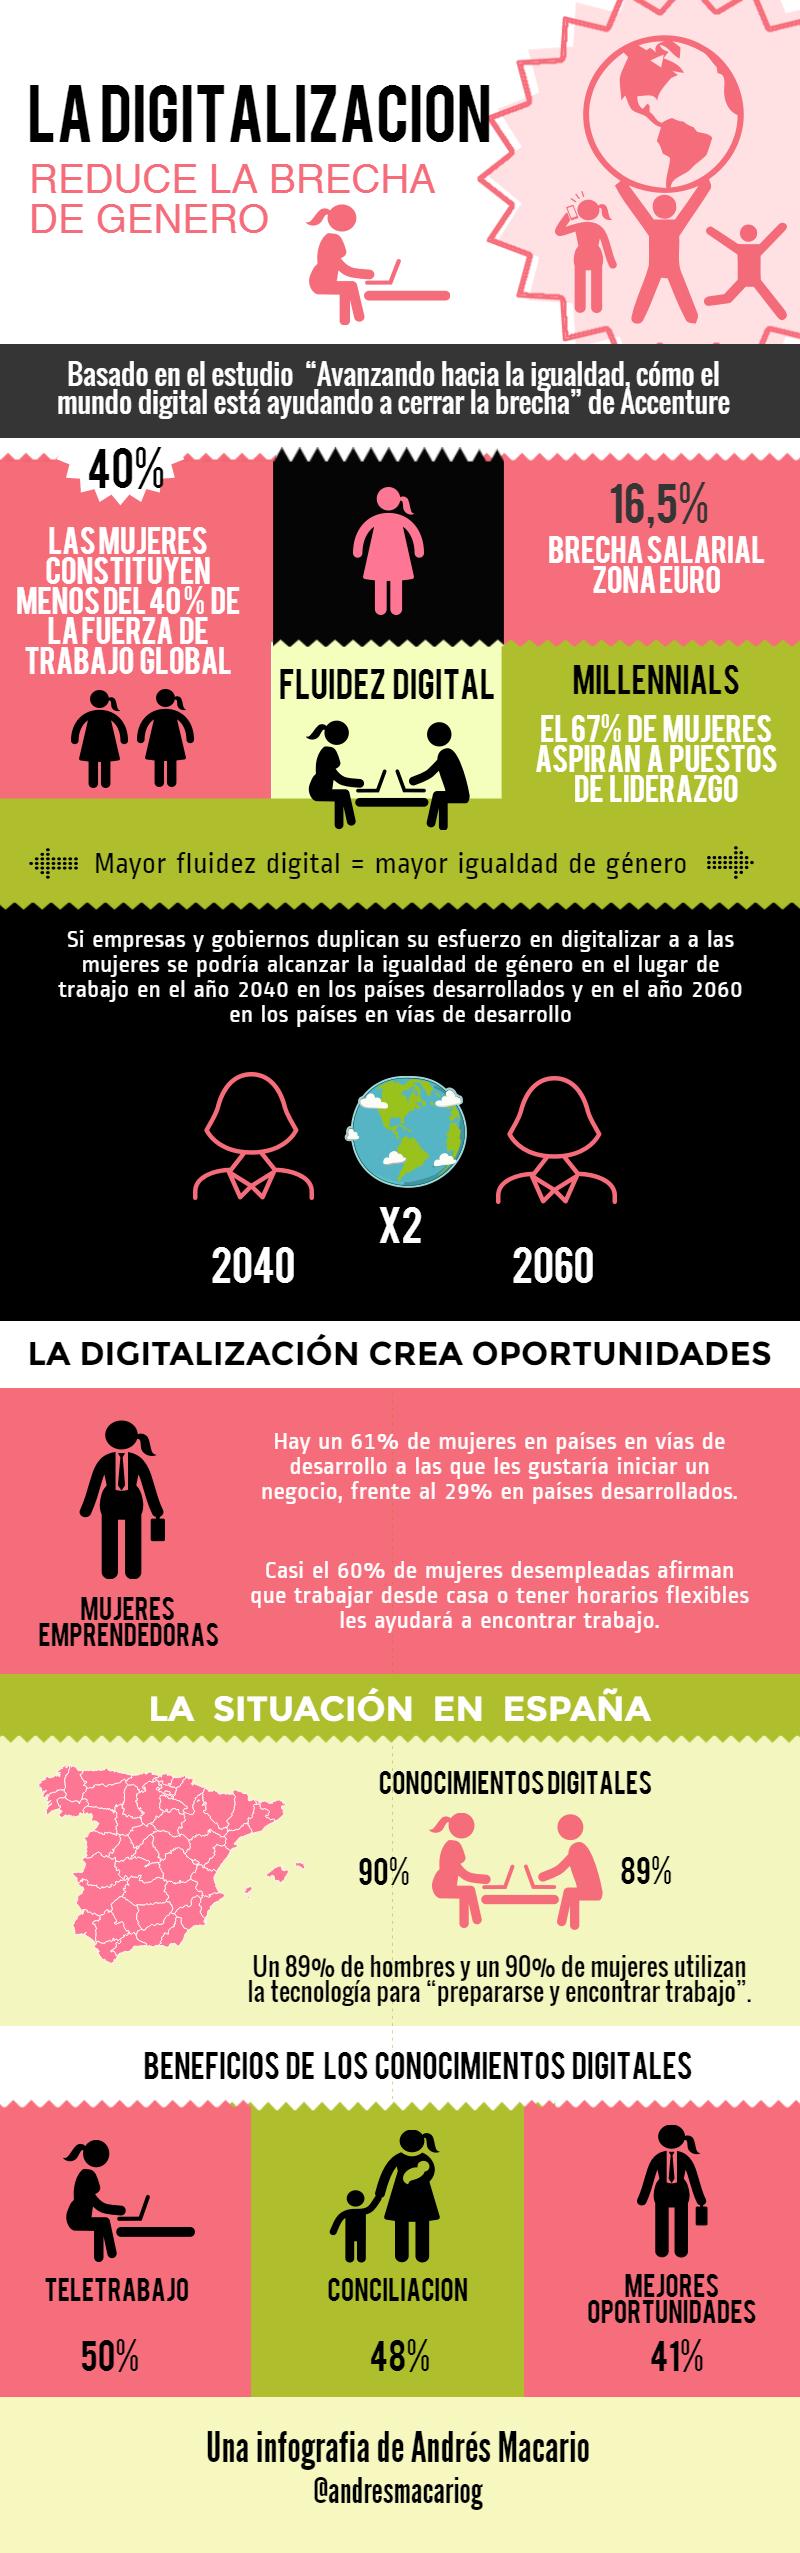 La Digitalización redice la brecha de género